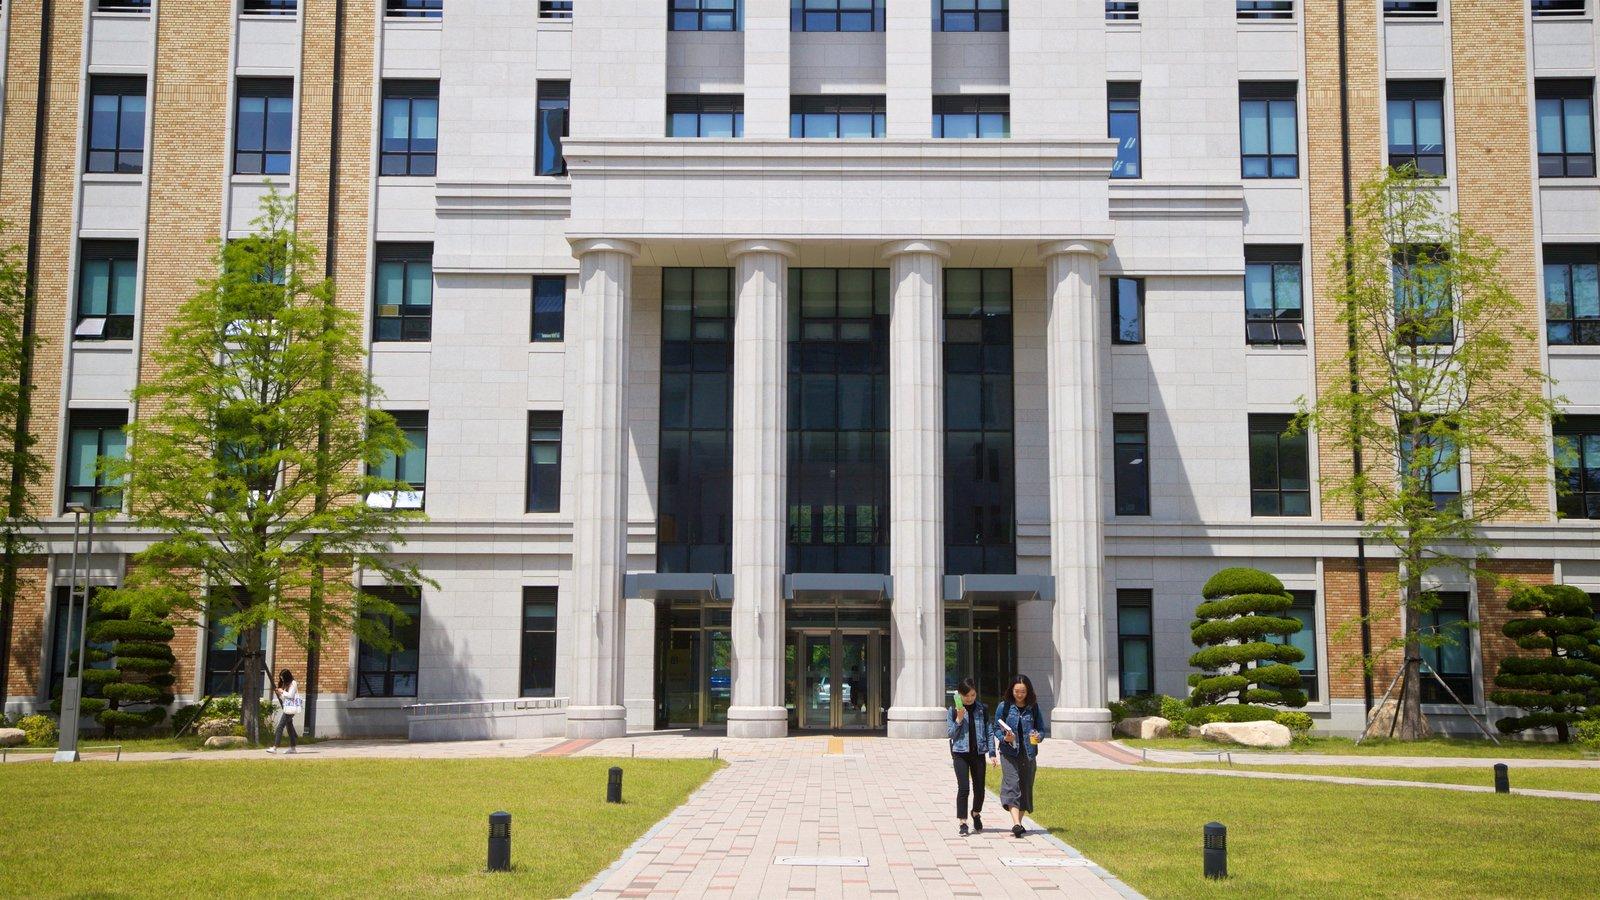 Universidad de Estudios Extranjeros de Busan y también una pareja